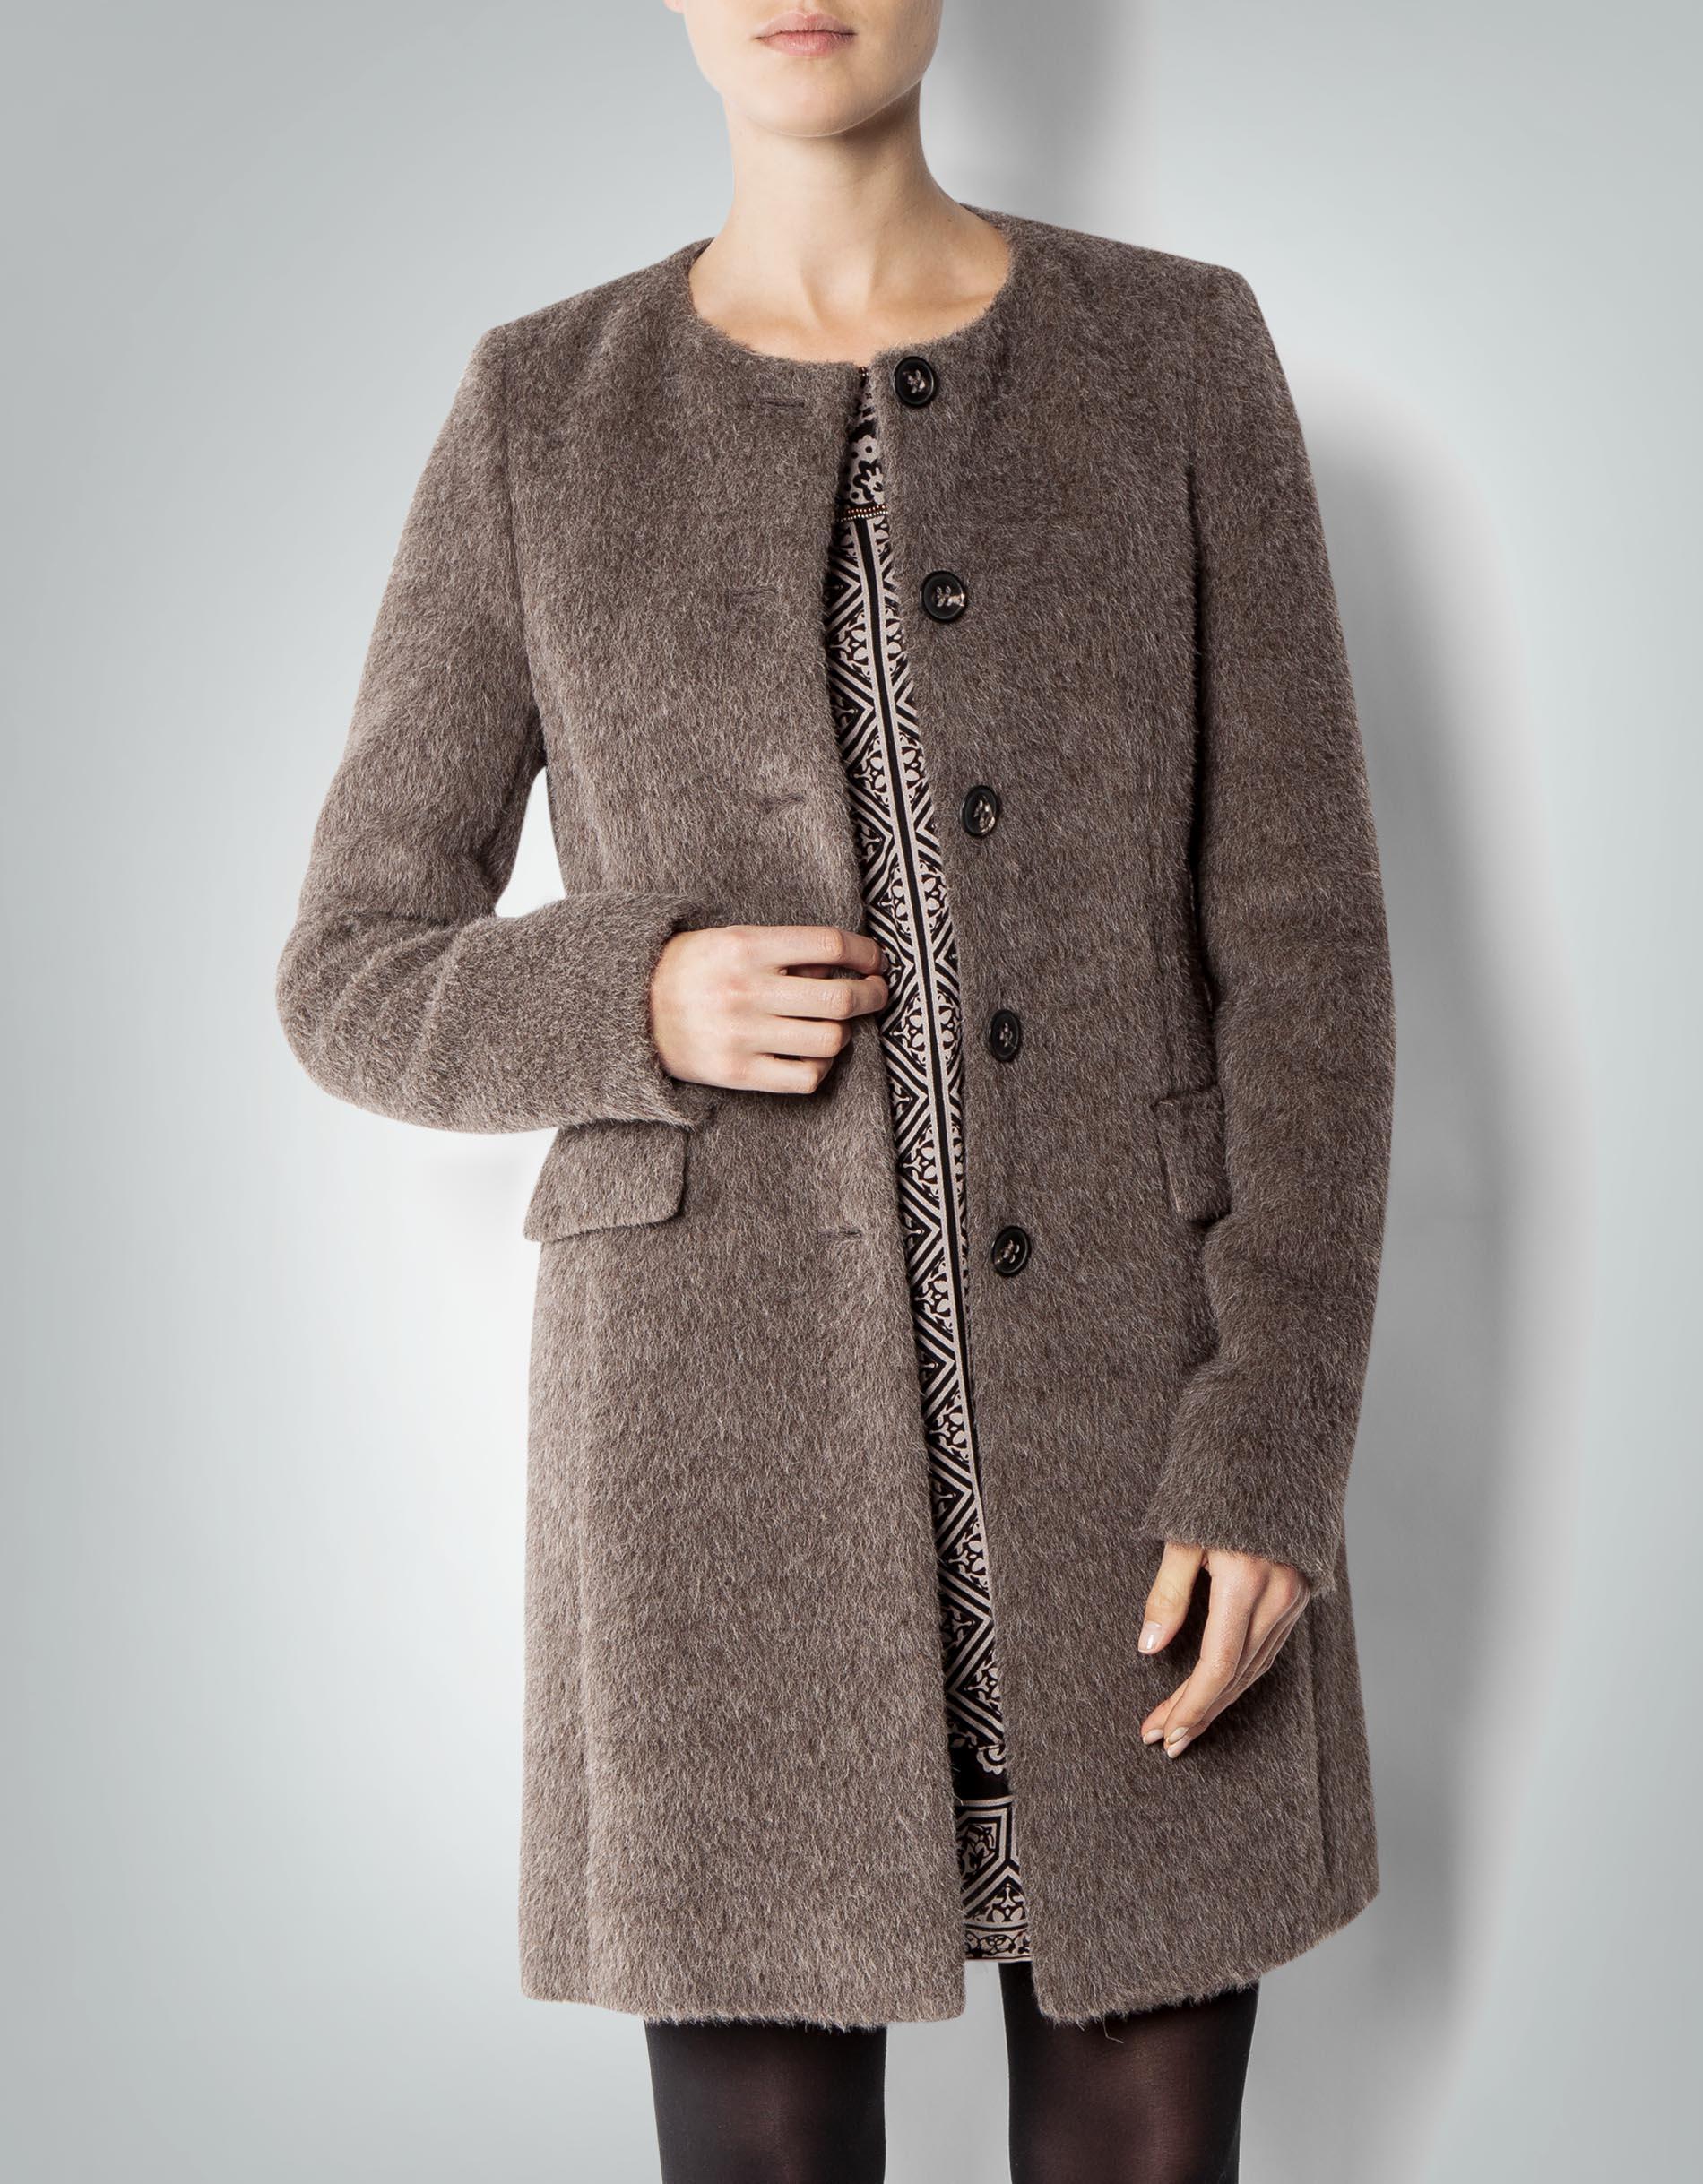 daniel hechter damen mantel beige in fell optik empfohlen von deinen schwestern. Black Bedroom Furniture Sets. Home Design Ideas